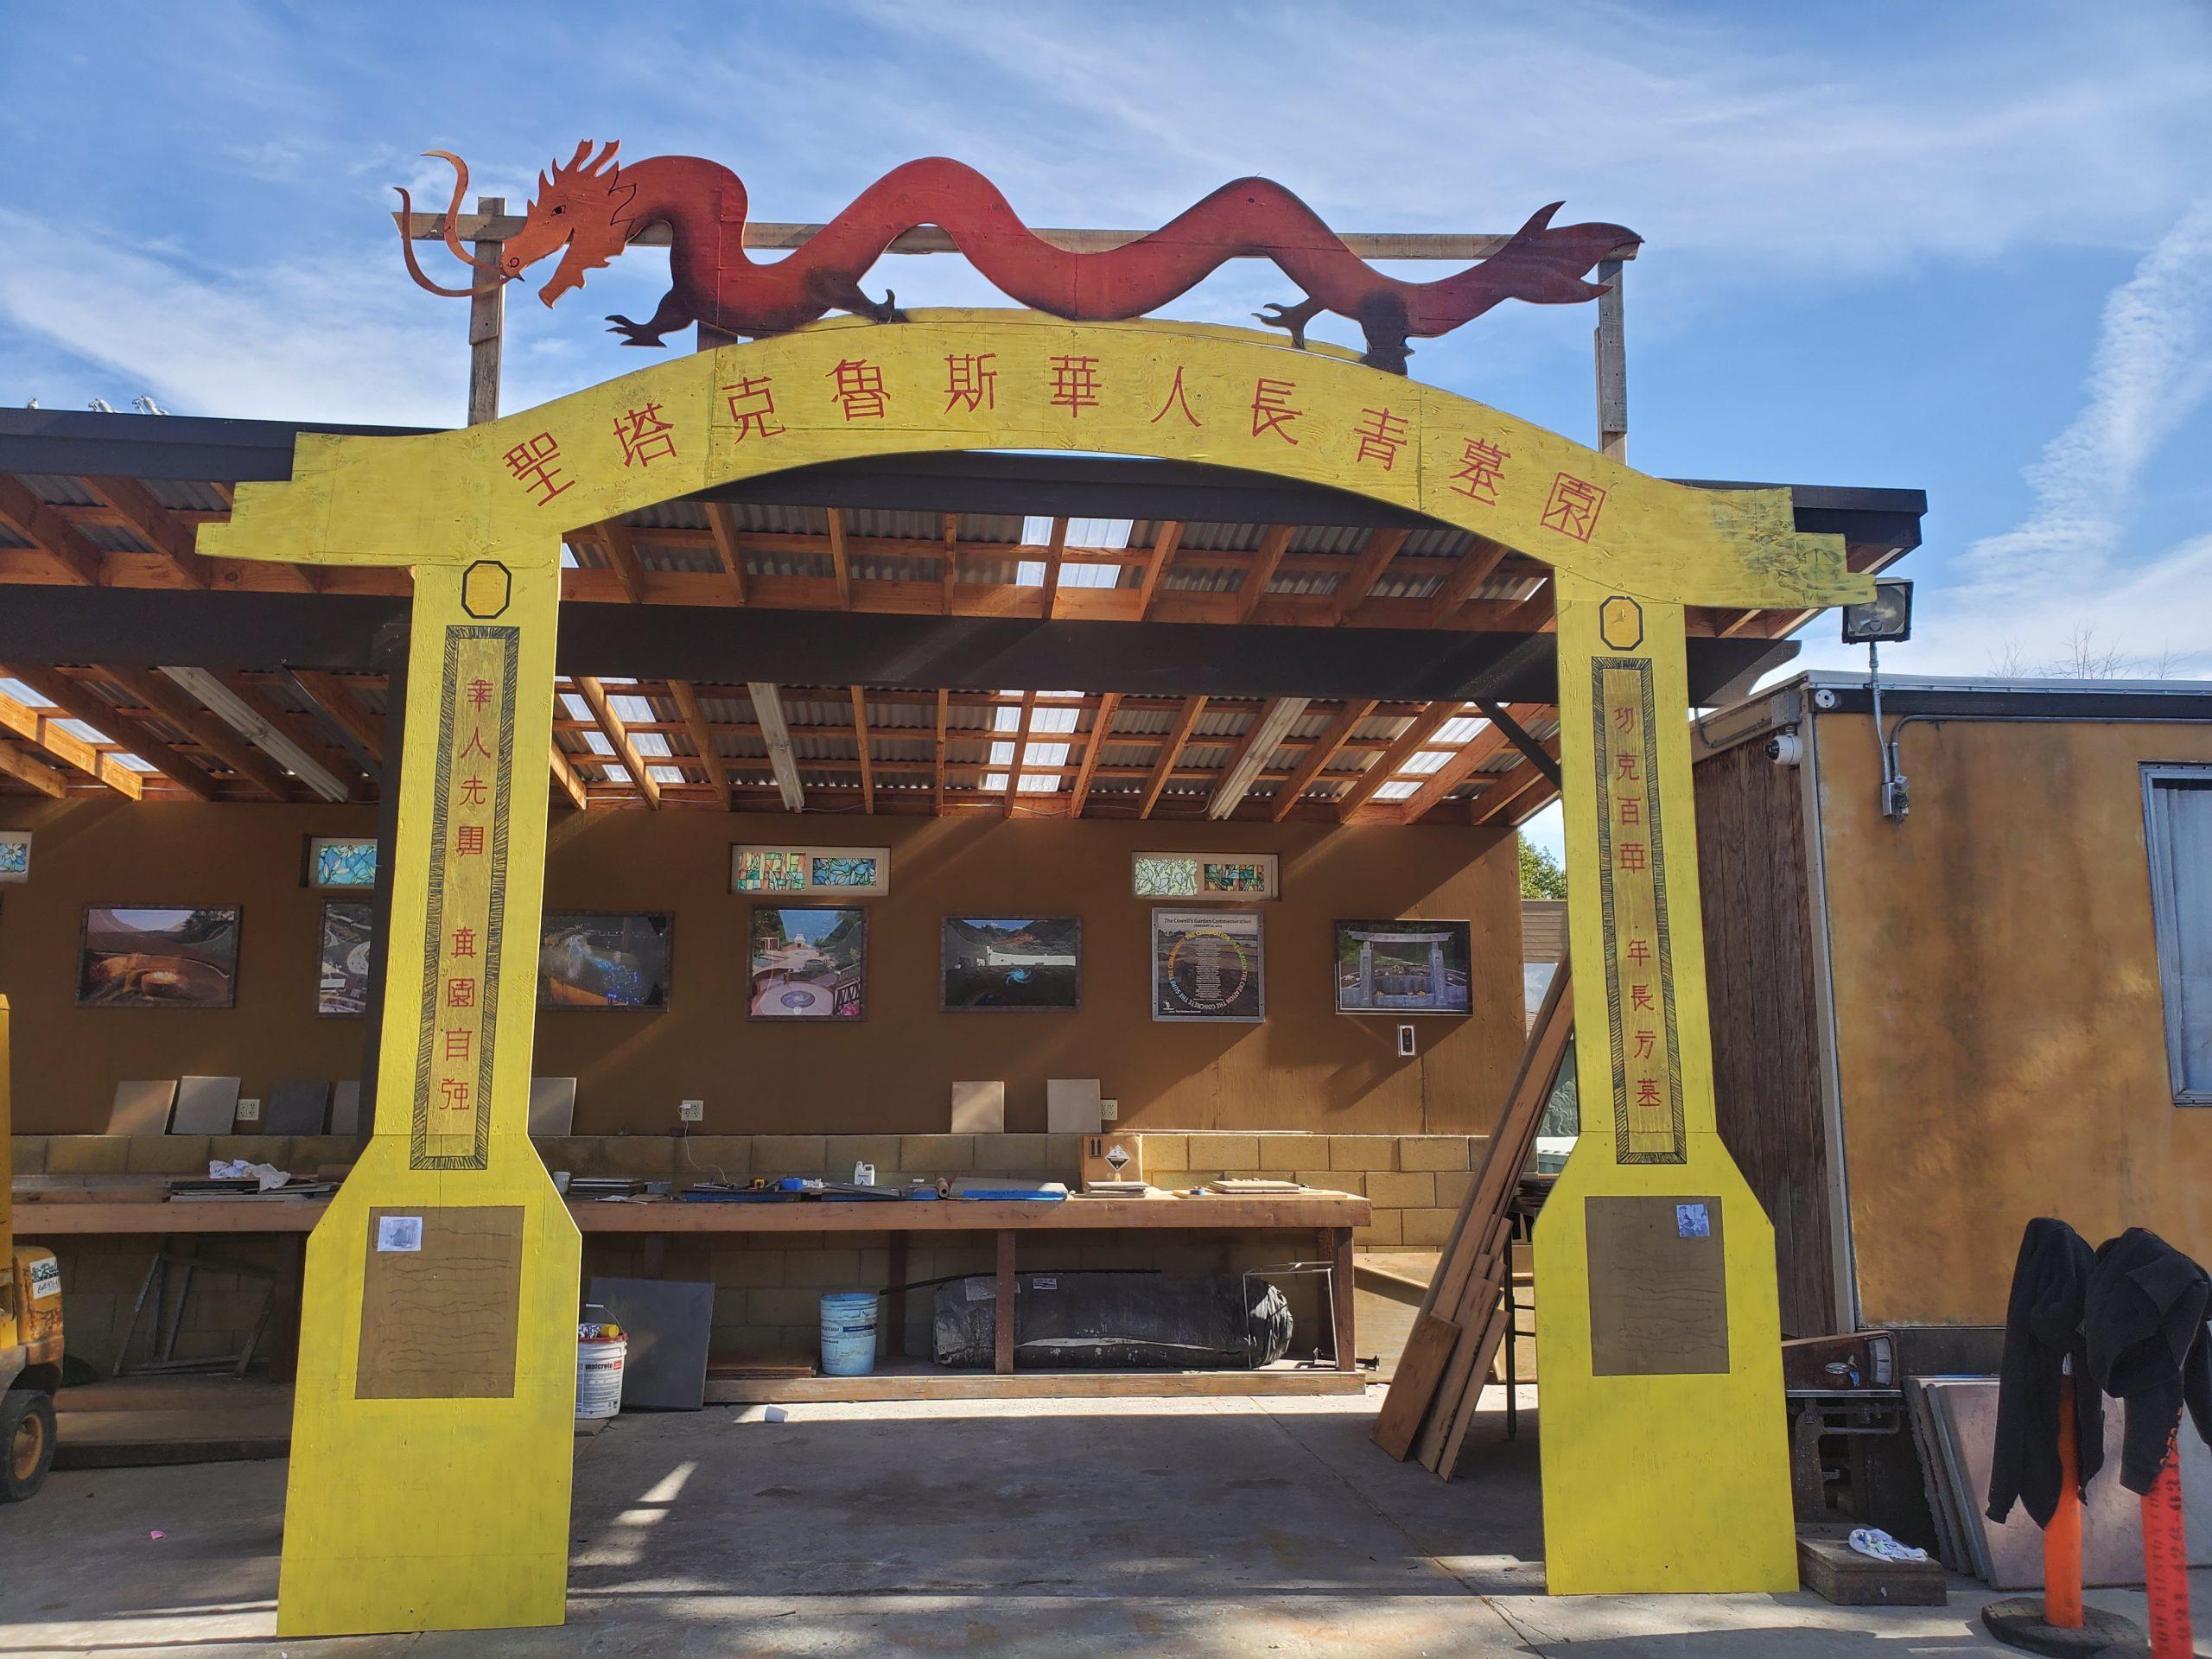 Chinatown Gate MockUp